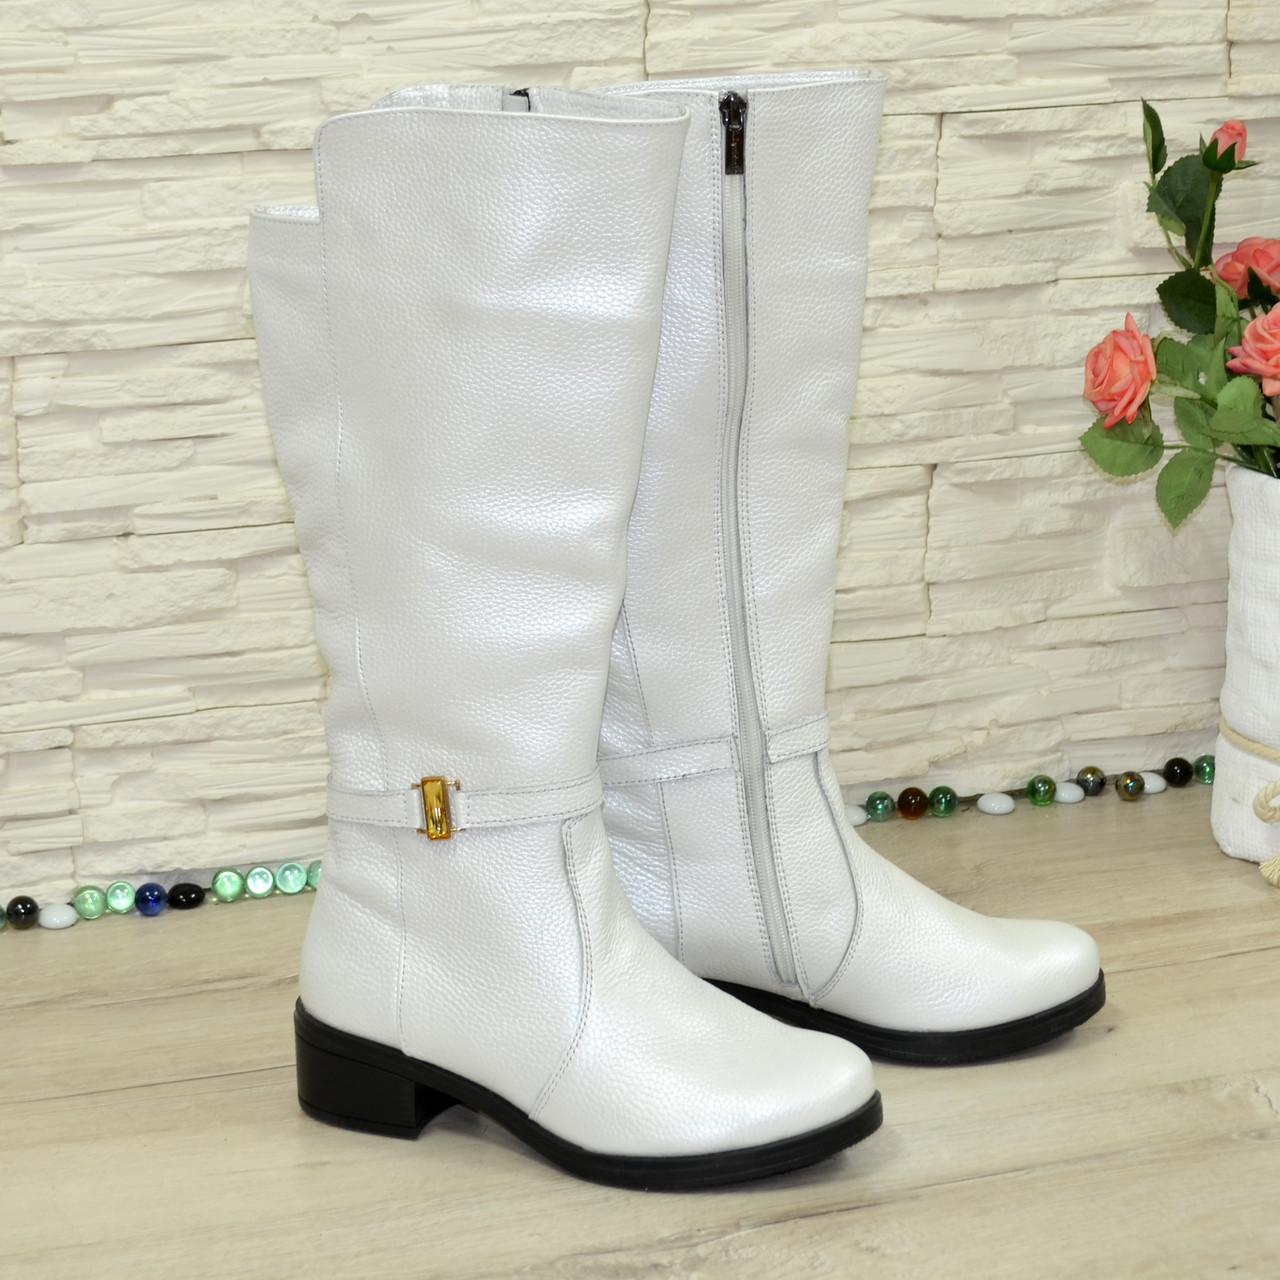 Білі демісезонні чоботи на байку. 37 розмір